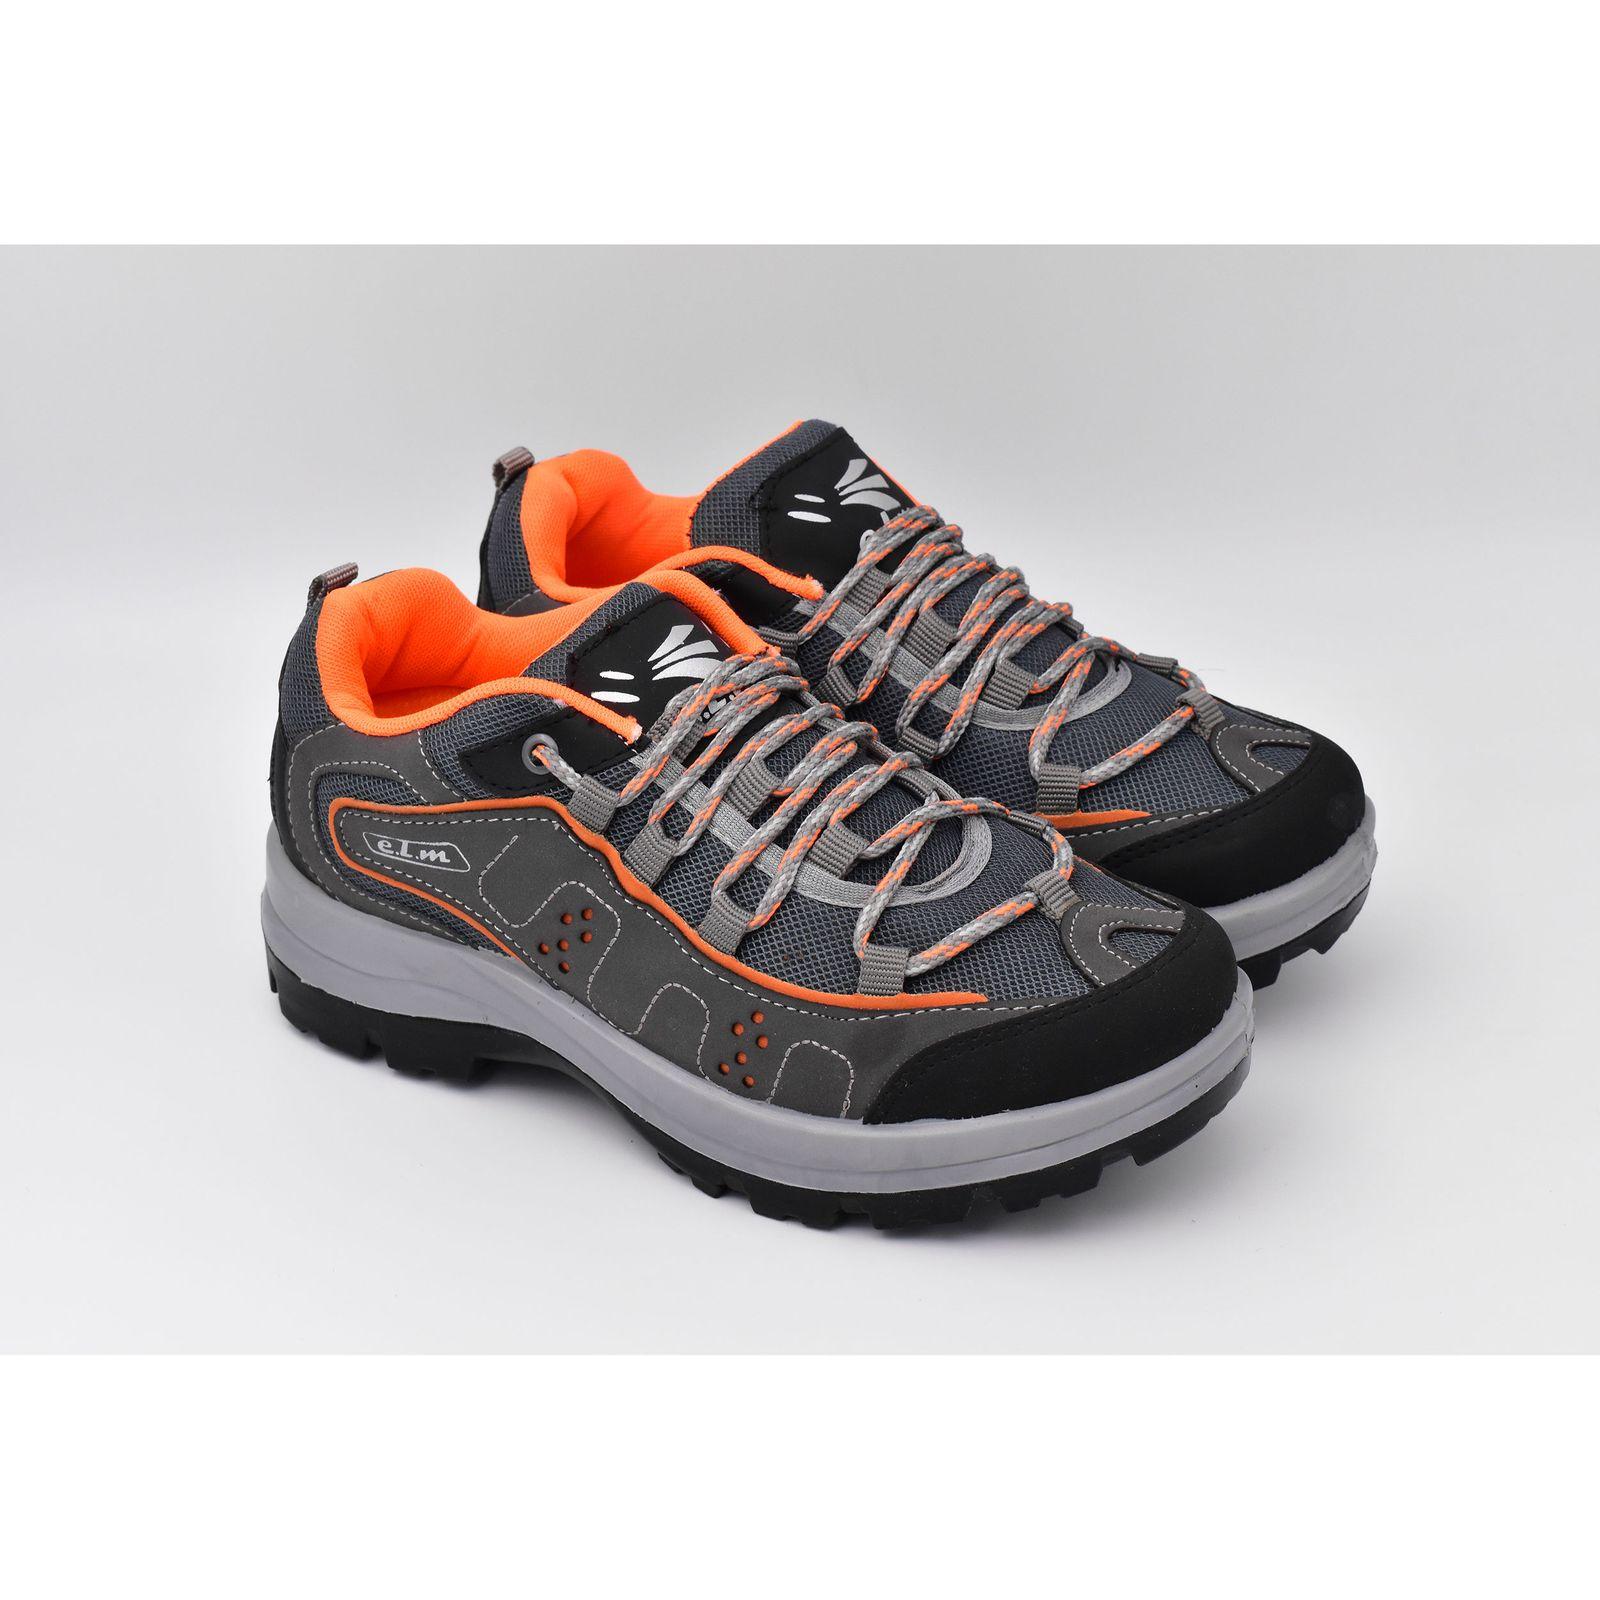 کفش پیاده روی زنانه ای ال ام مدل هامون کد 7724 -  - 6